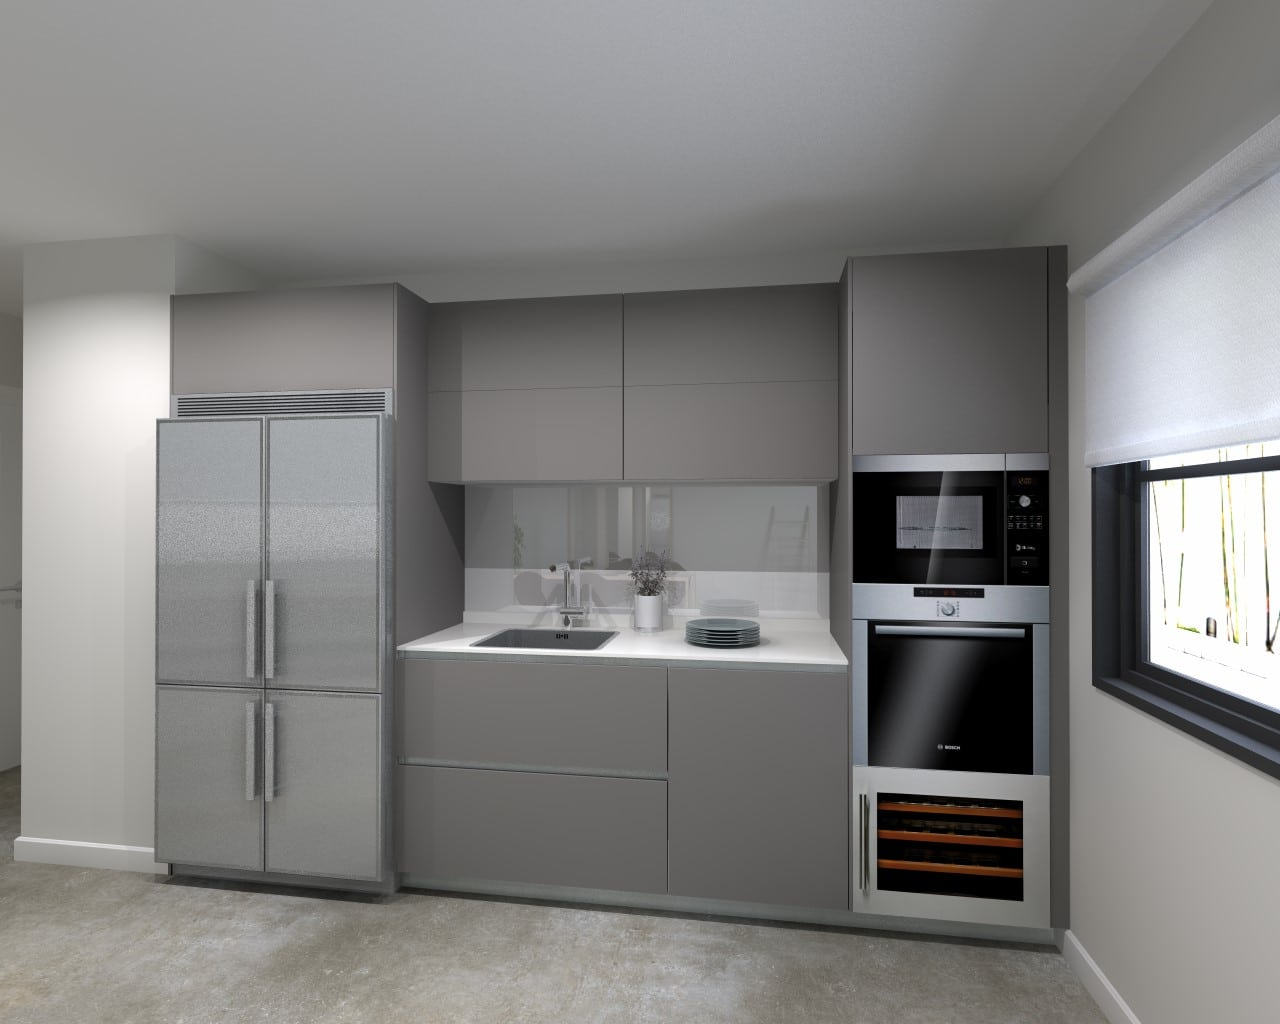 Cocina santos line e estratificado seda color gris vis n y for Cocinas en color gris claro